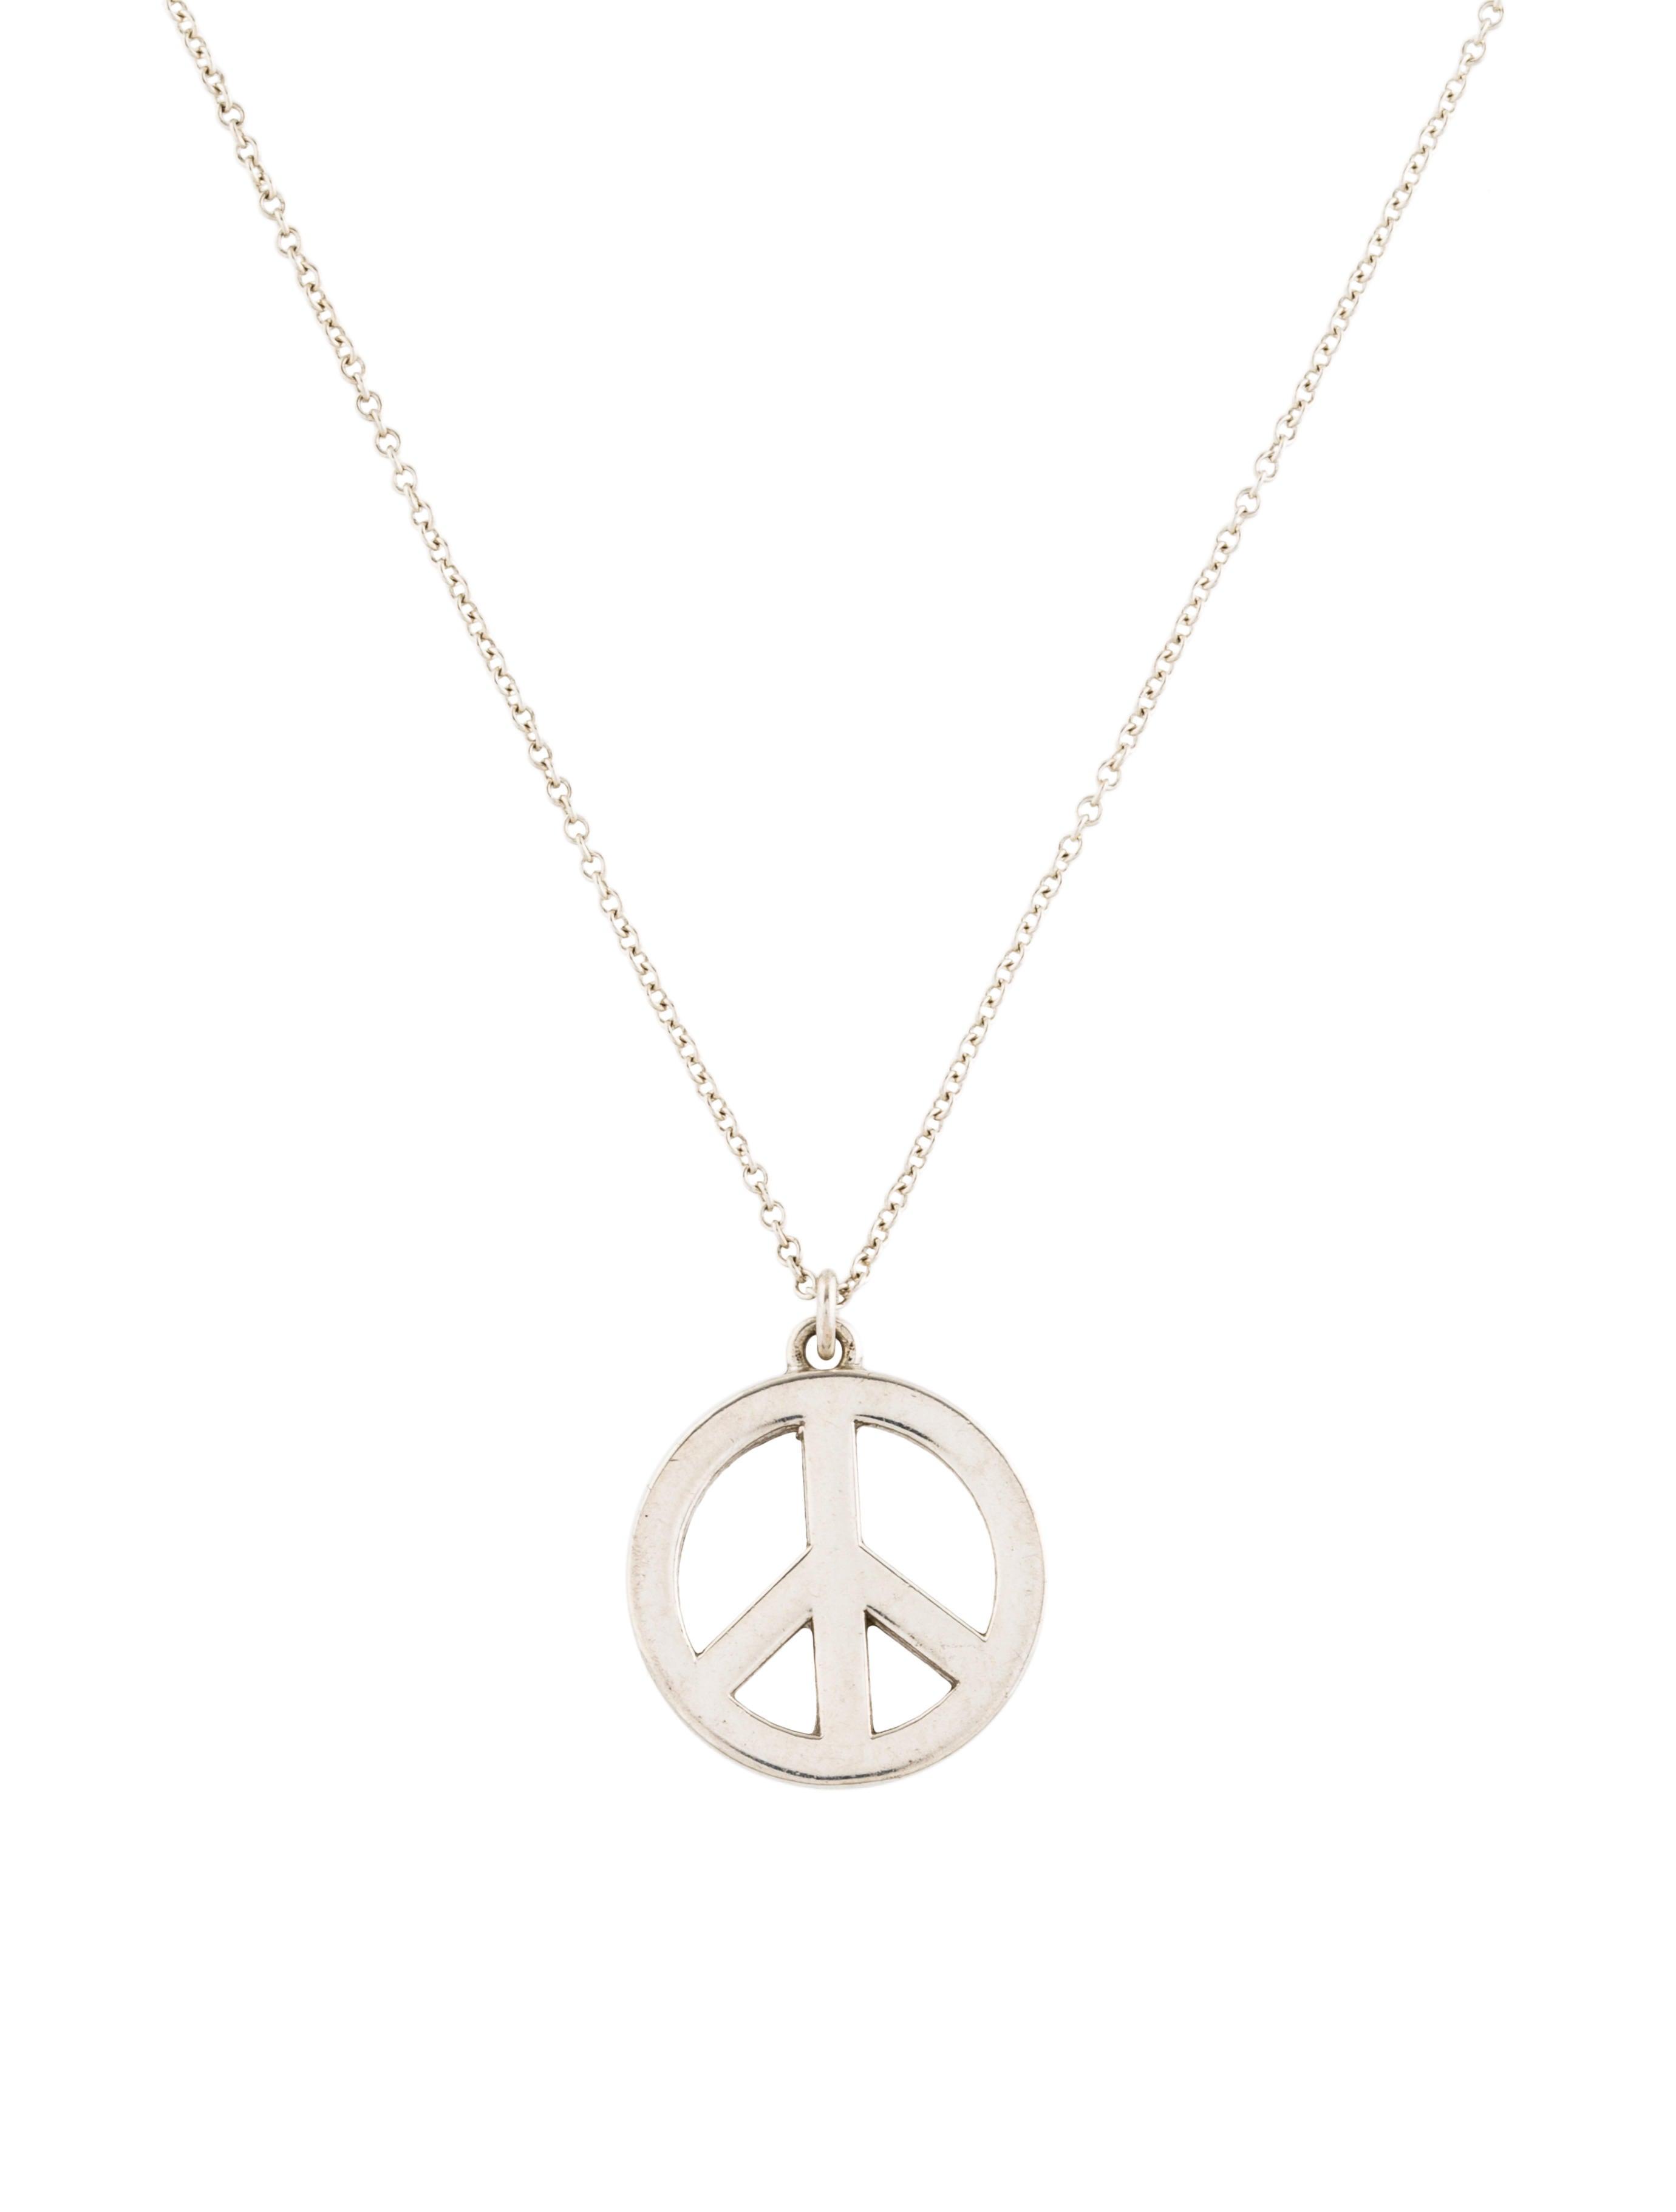 d5a2a917d Tiffany & Co. Peace Sign Pendant Necklace - Necklaces - TIF73434 ...